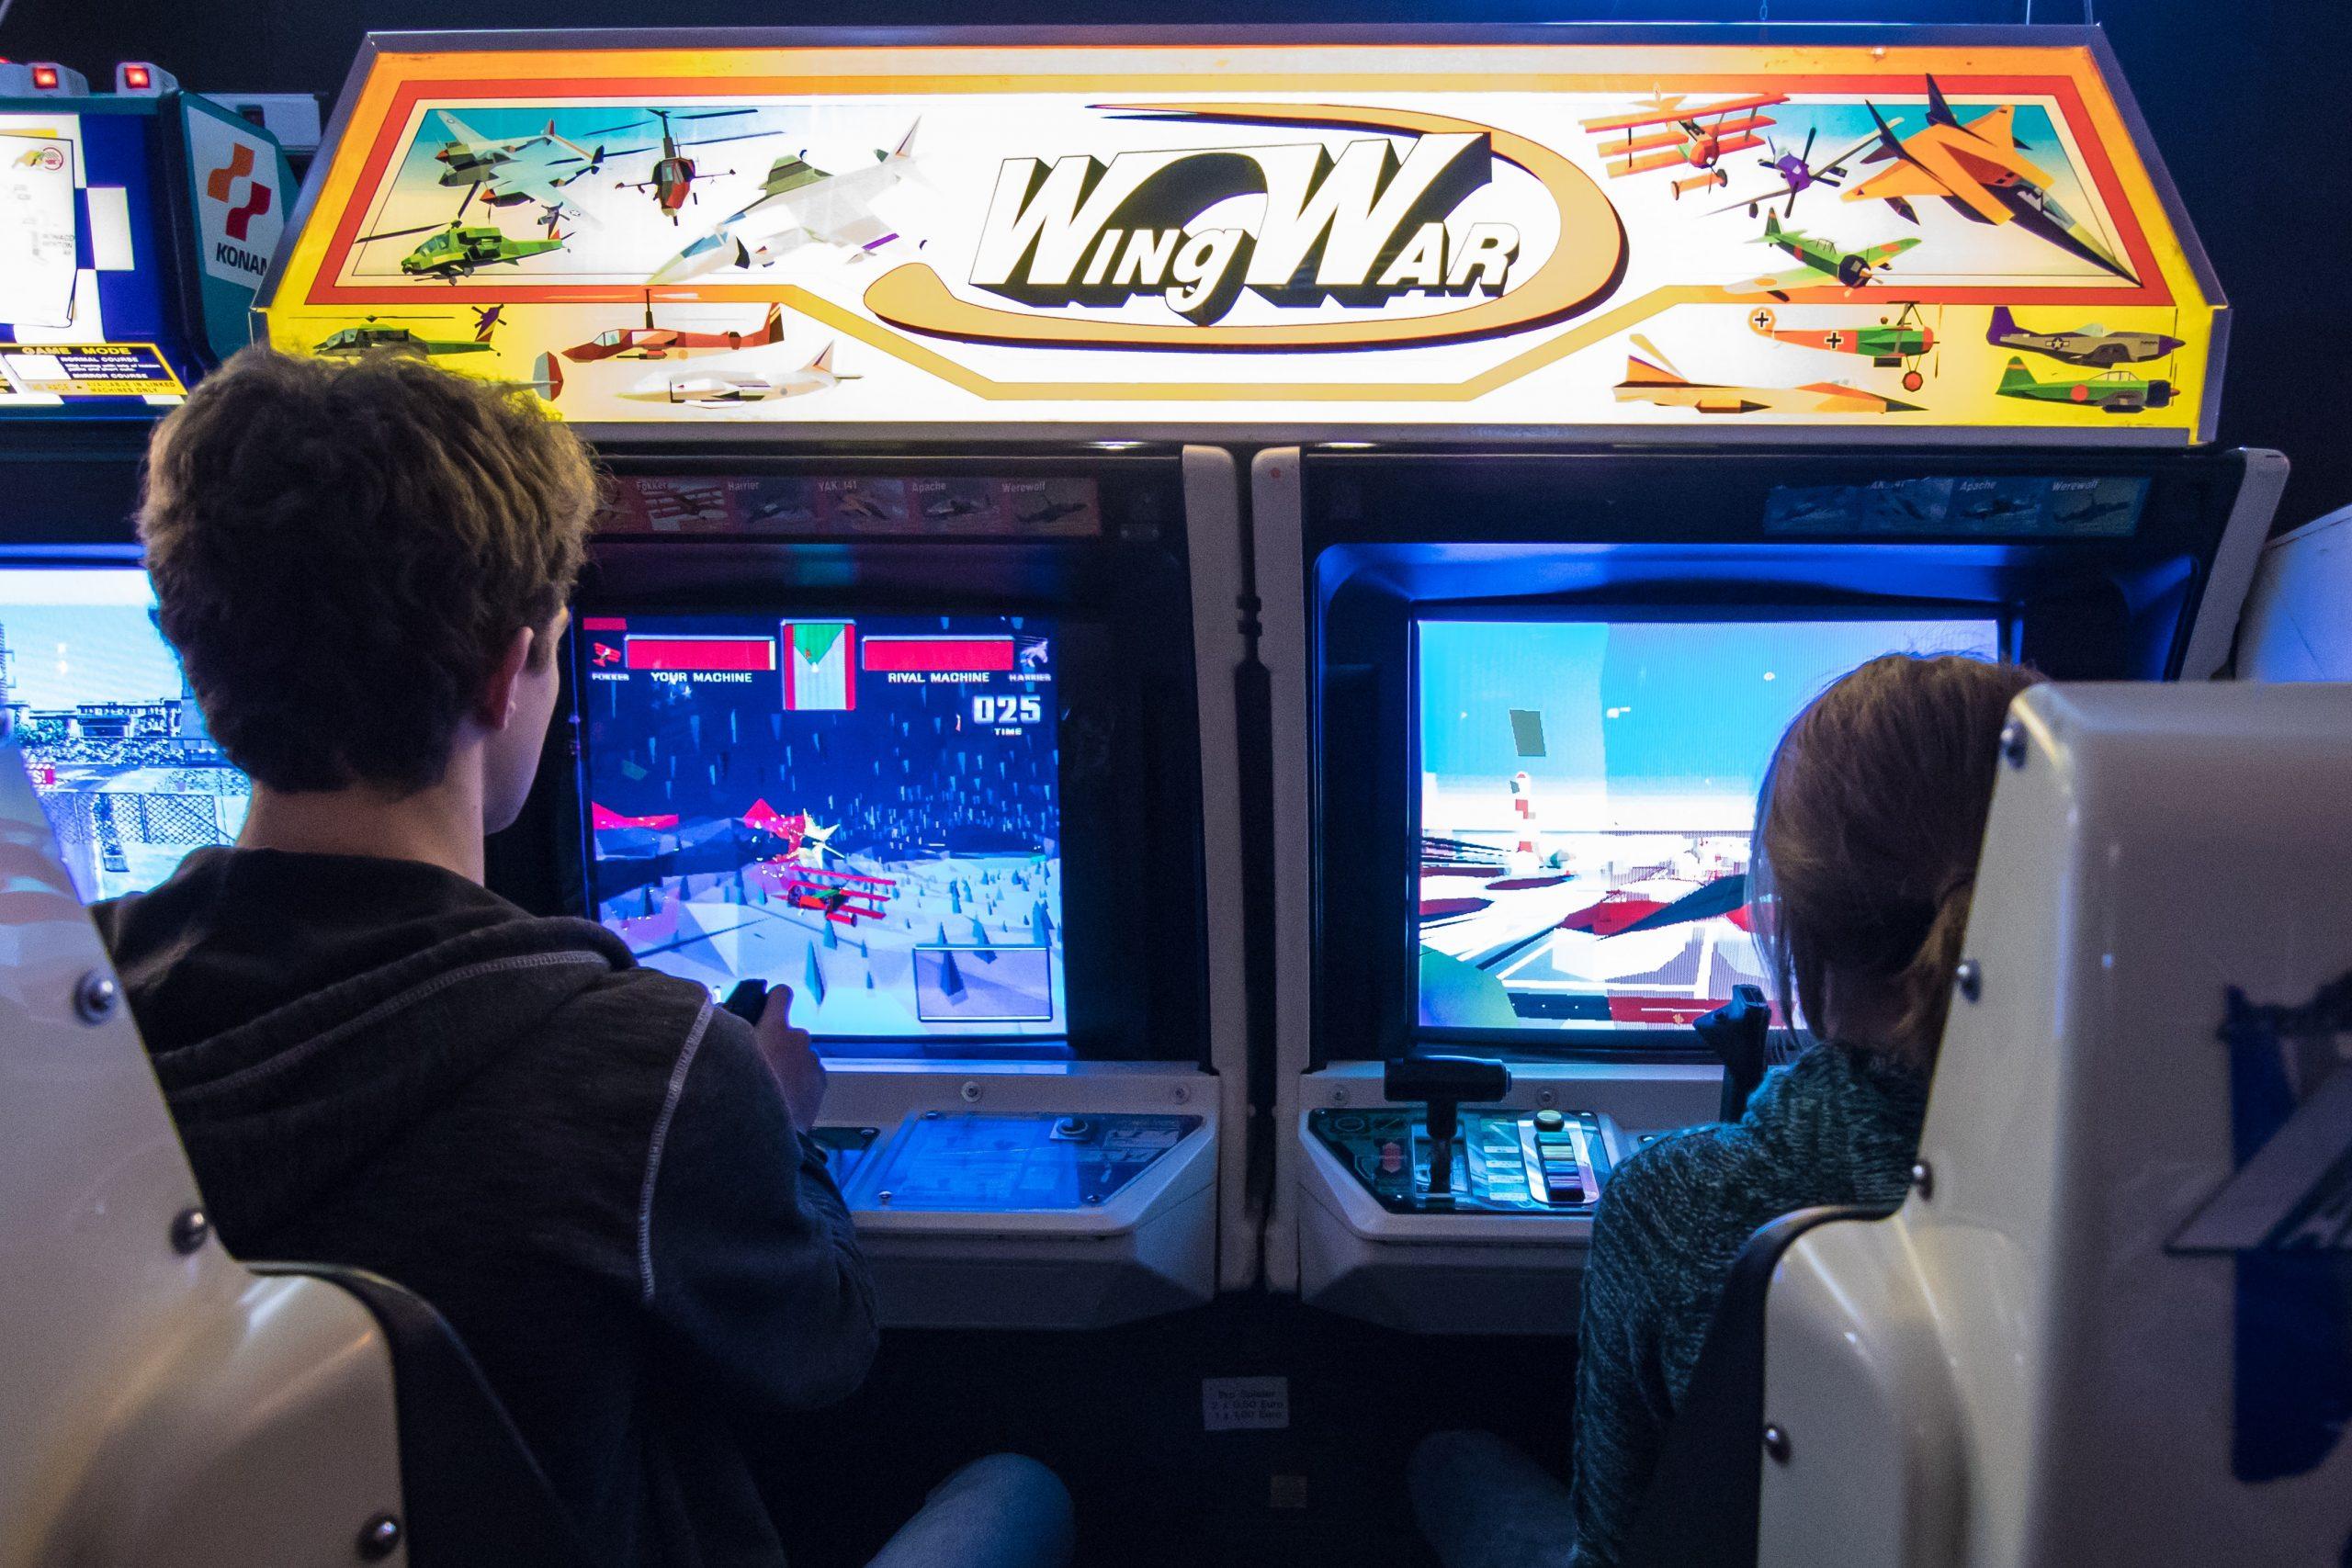 Dos niños jugando en maquinas arcade